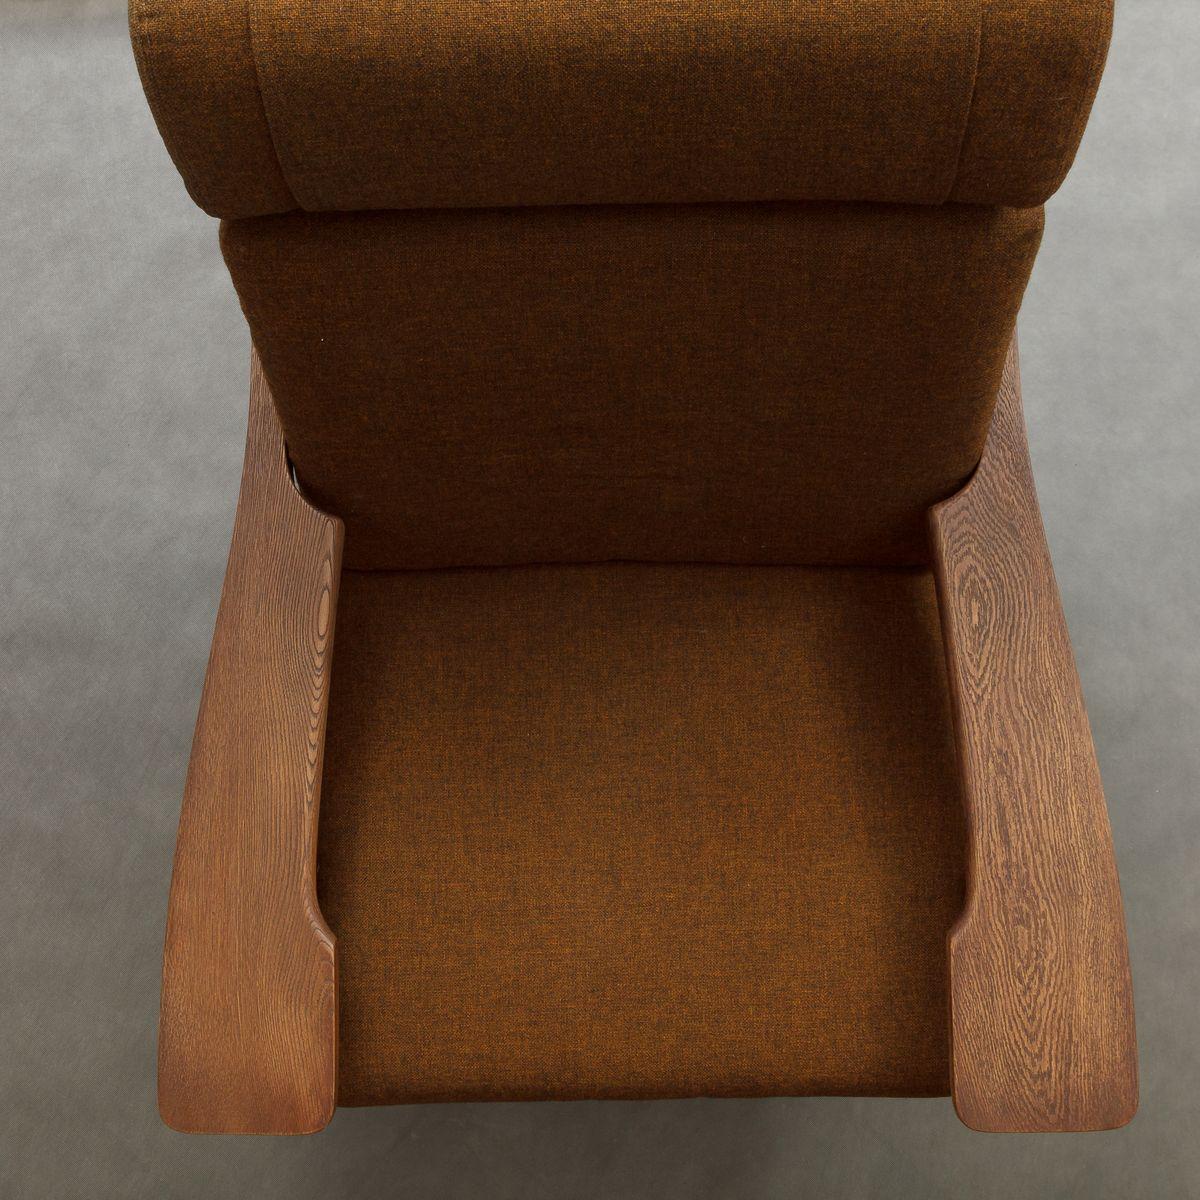 sandgestrahlter ge 375 sessel mit fu hocker von hans wegner f r getama 1970er bei pamono kaufen. Black Bedroom Furniture Sets. Home Design Ideas